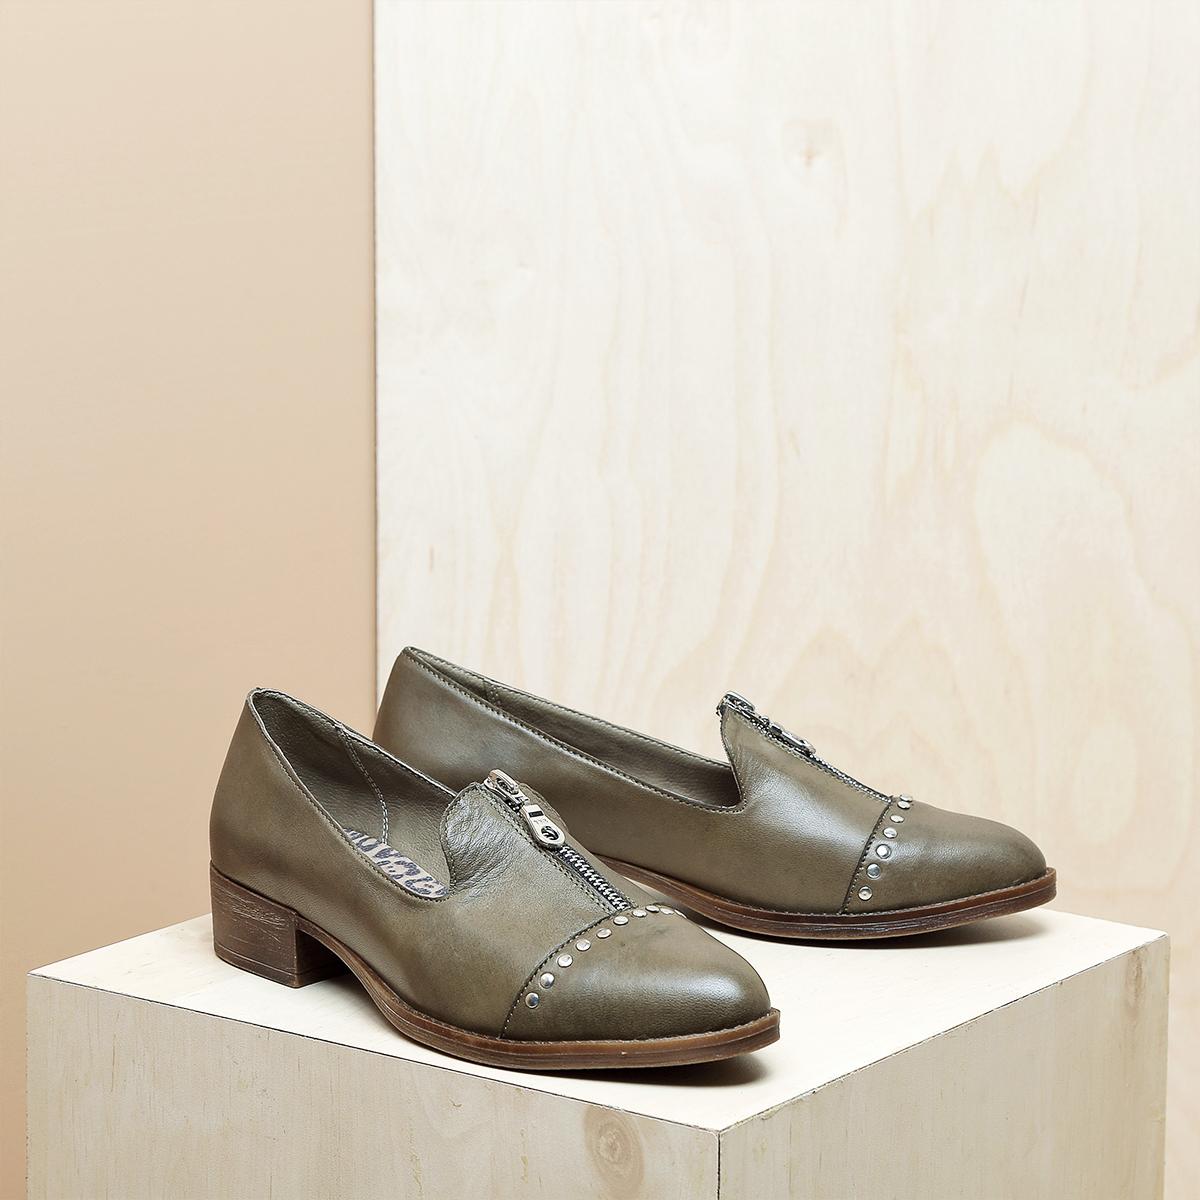 דגם ביל: נעלי אוקספורד לנשים בצבע ירוק זית